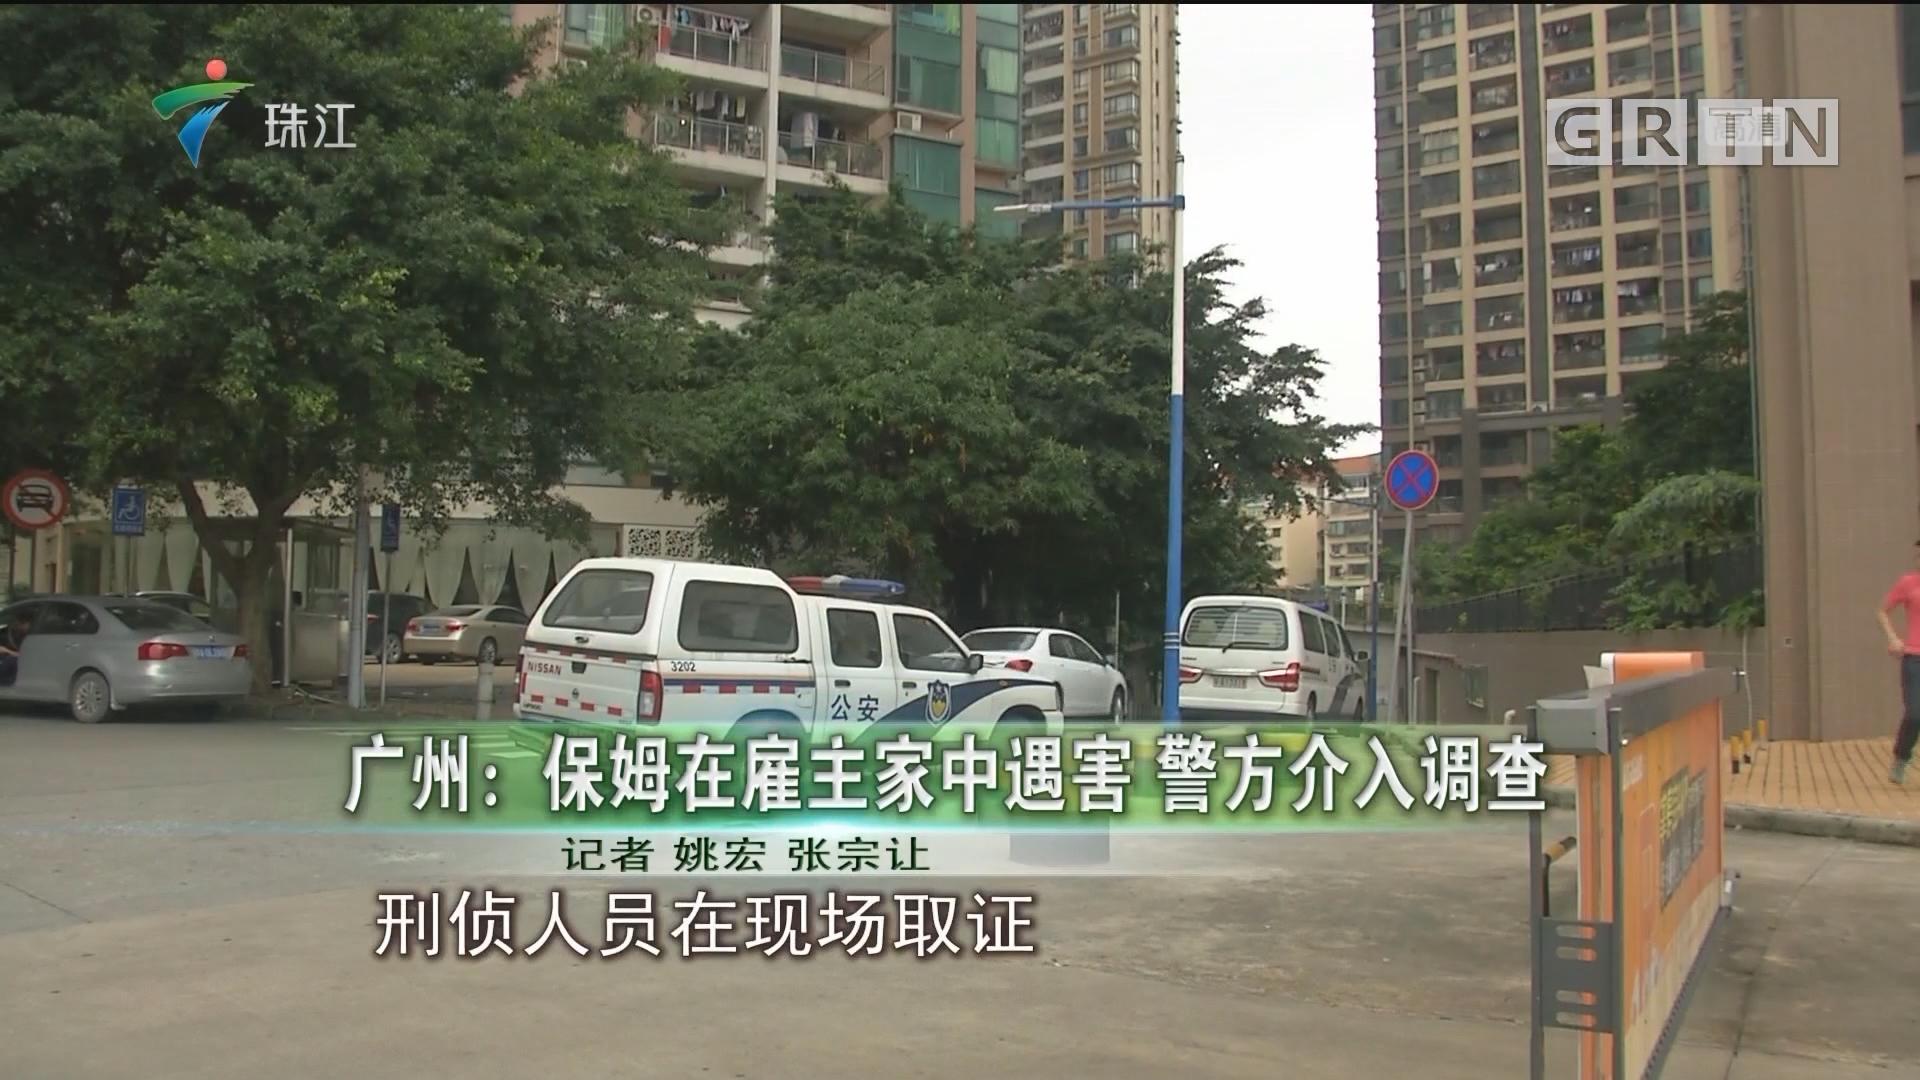 广州:保姆在雇主家中遇害 警方介入调查